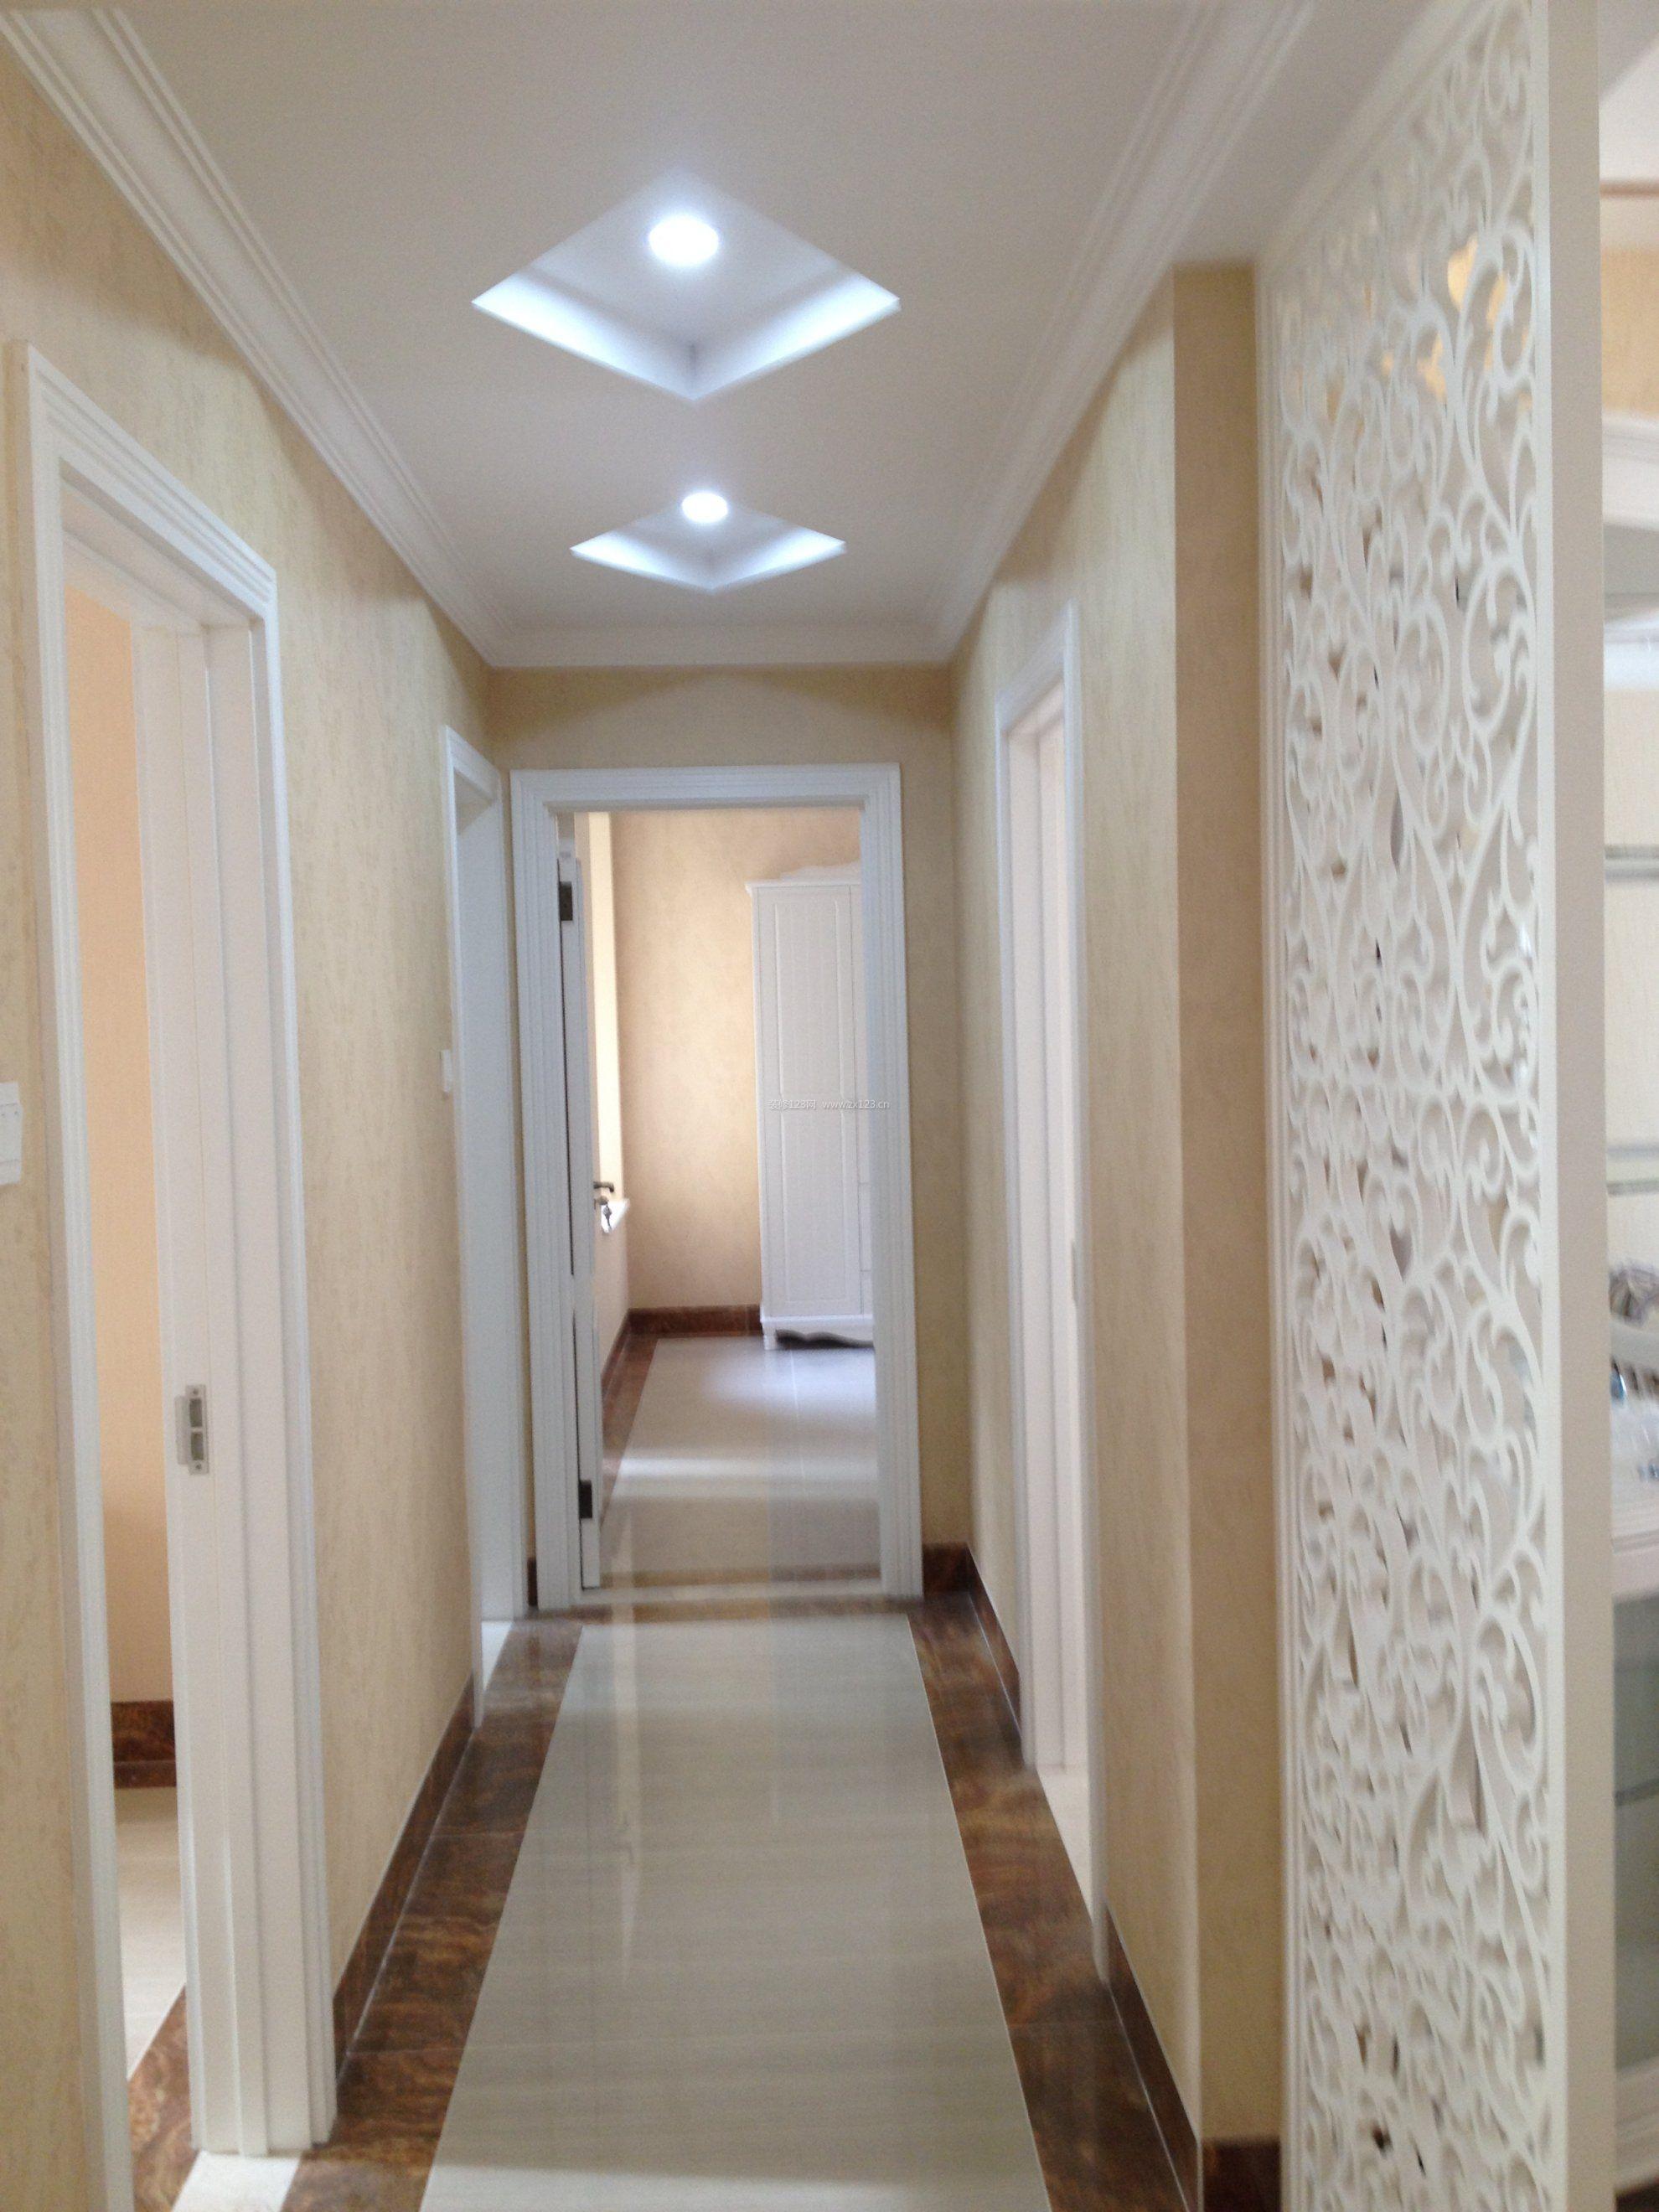 简欧风格室内小走廊菱形吊顶效果图